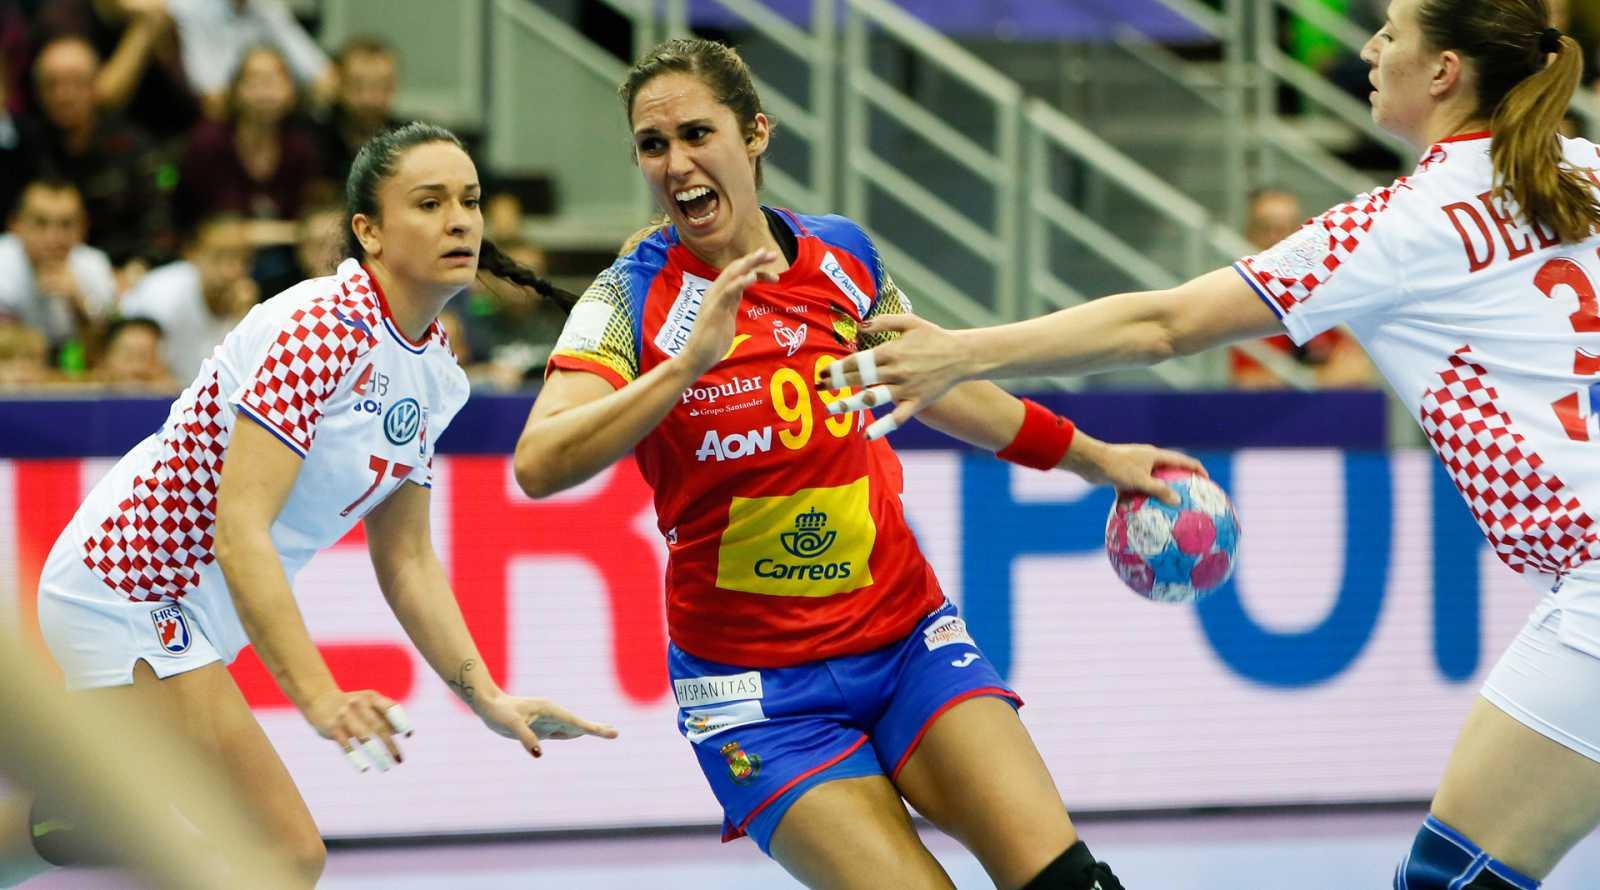 Mireya González, jugadora de la selección española de balonmano, puede presumir de haber ganado una Liga de Campones. Lo consiguió con su actual equipo, el Gyori húngaro, el pasado mes de mayo. Ahora, lucha con las Guerreras en el Europeo de Francia